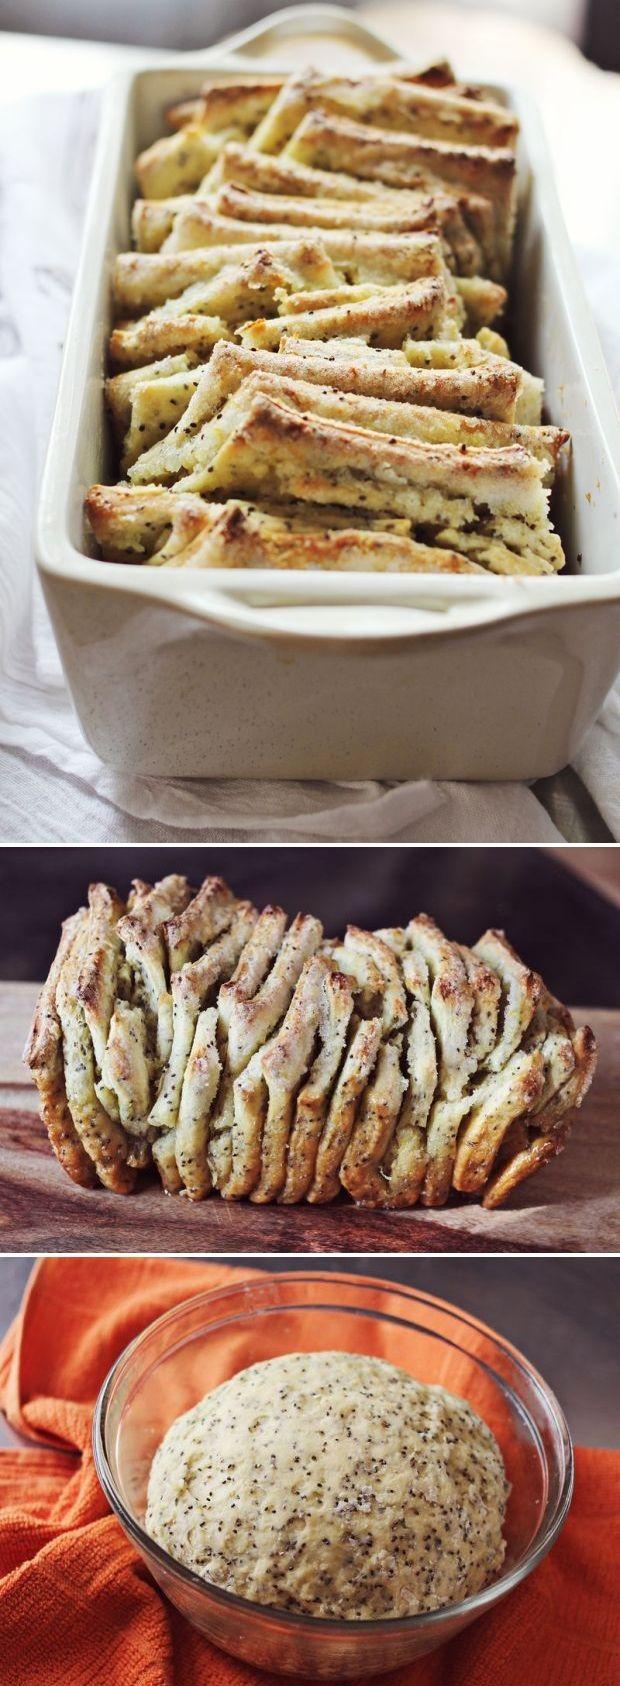 Healthy Chia Seed Recipes Lemon & Chia Seed Pull Apart Bread